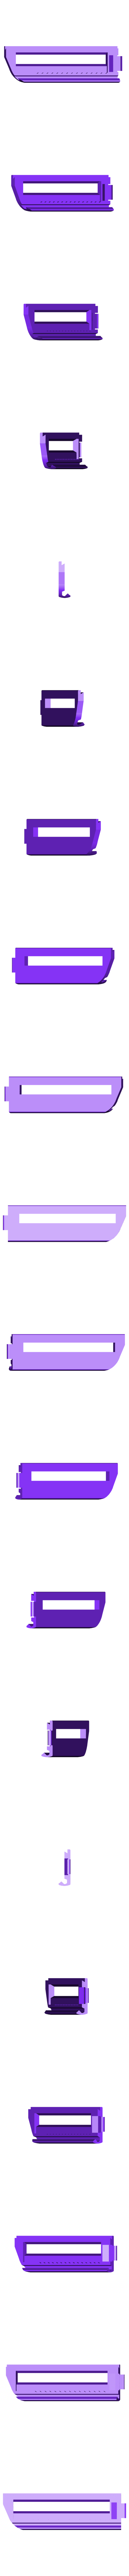 JMM CUTTER PART 01.STL Download free STL file Cutter - retractable blade knives - Cutter Retractable Knife • 3D printer template, jmmprog